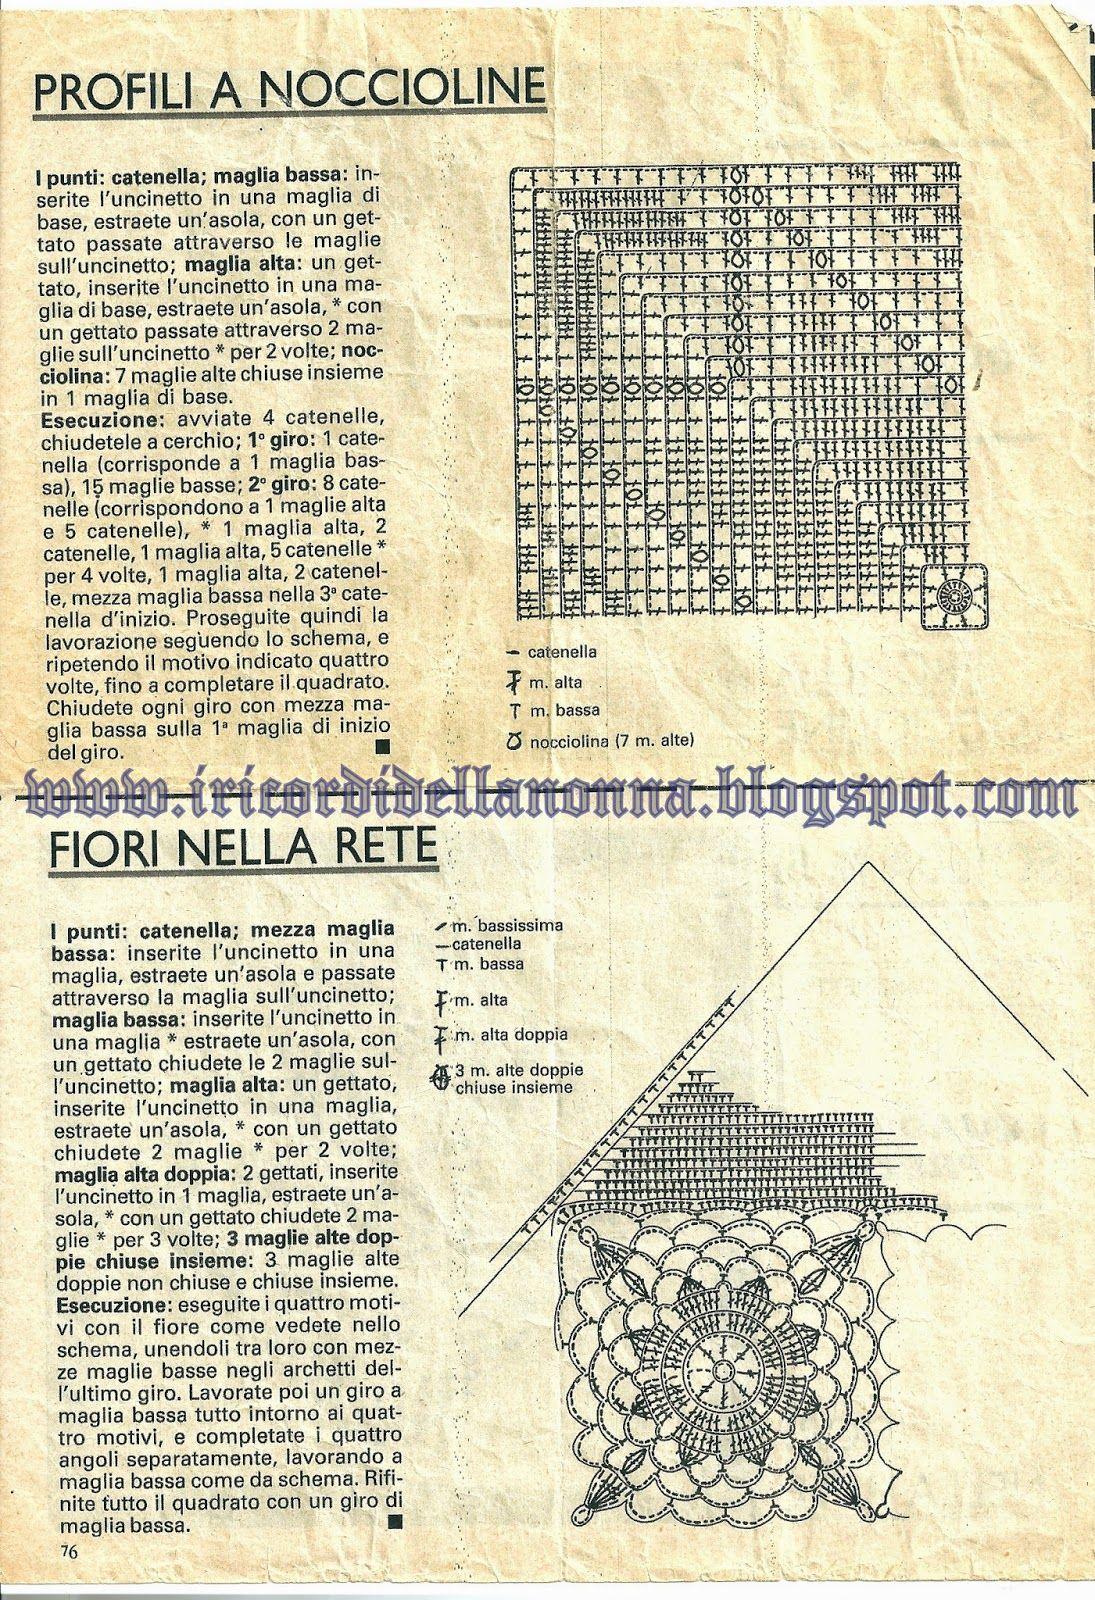 Una bella serie di quadrati e relativi schemi da eseguire  all'uncinetto,  per realizzare delle bellissime copertine, splendide tovaglie, c...